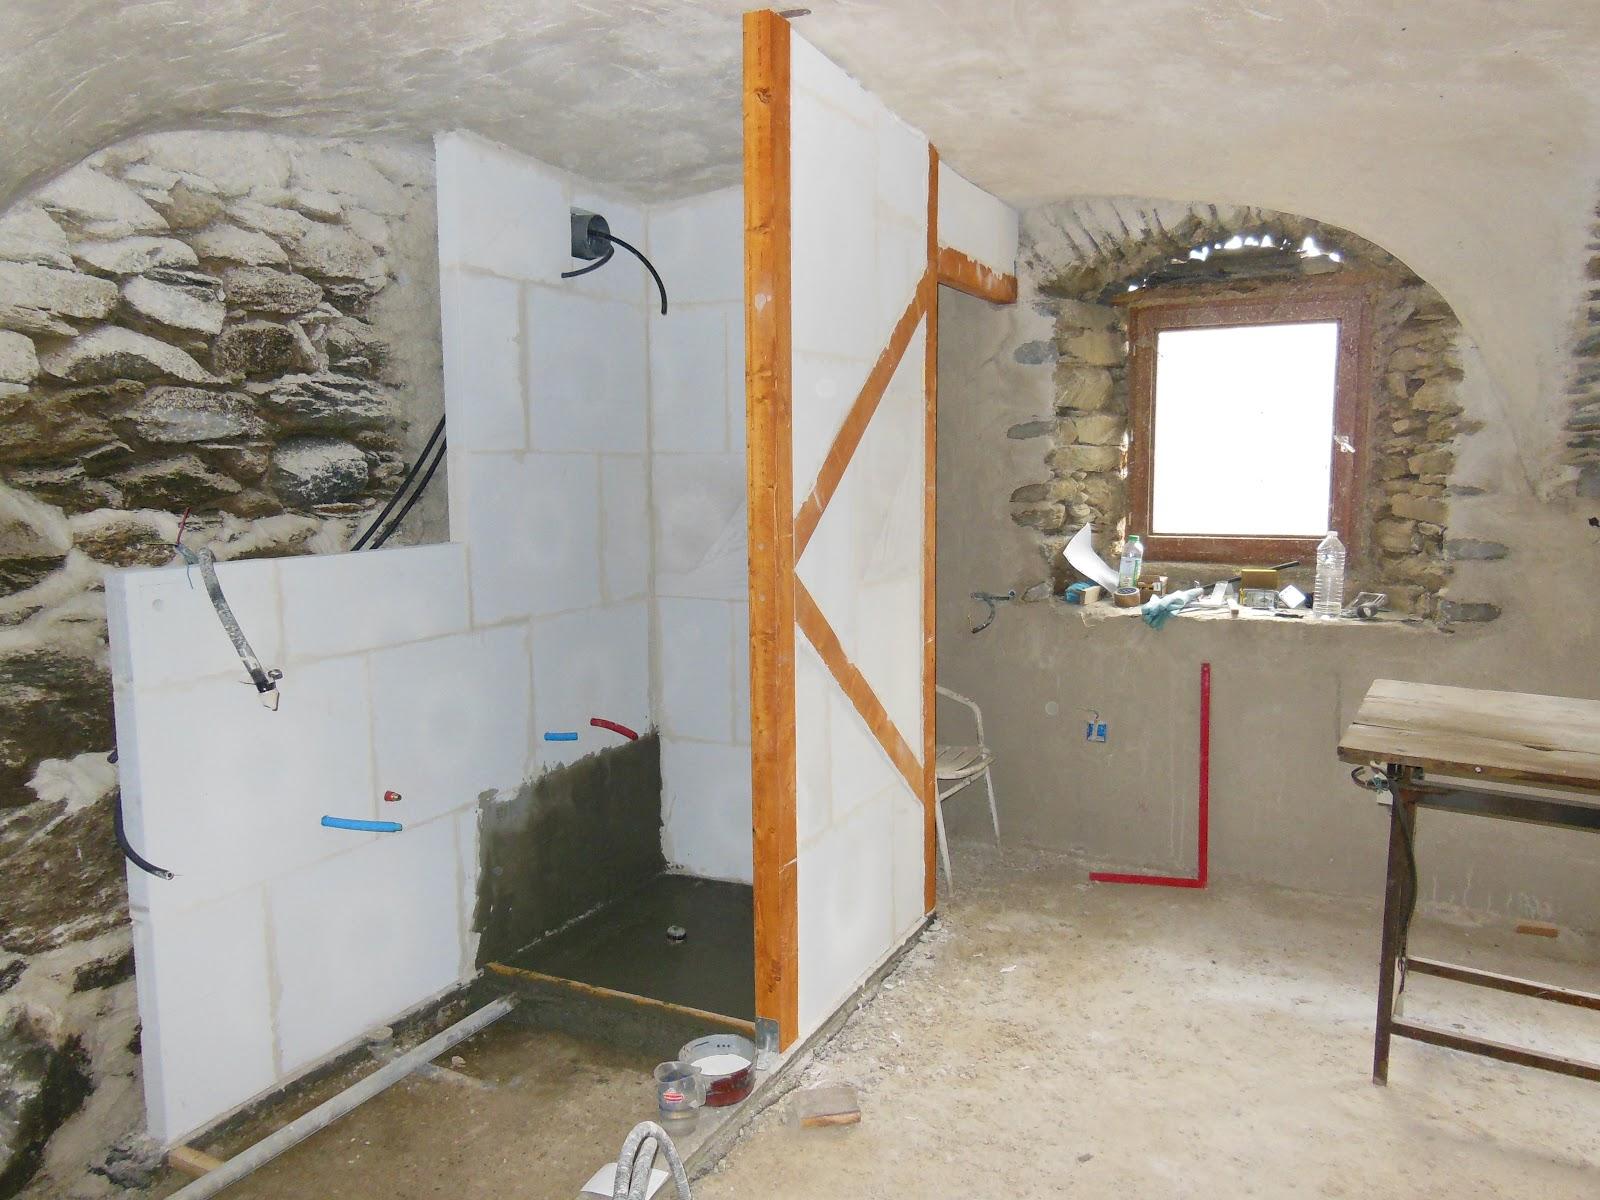 cloison douche beton cellulaire on monte les parois de la douche with cloison douche beton. Black Bedroom Furniture Sets. Home Design Ideas